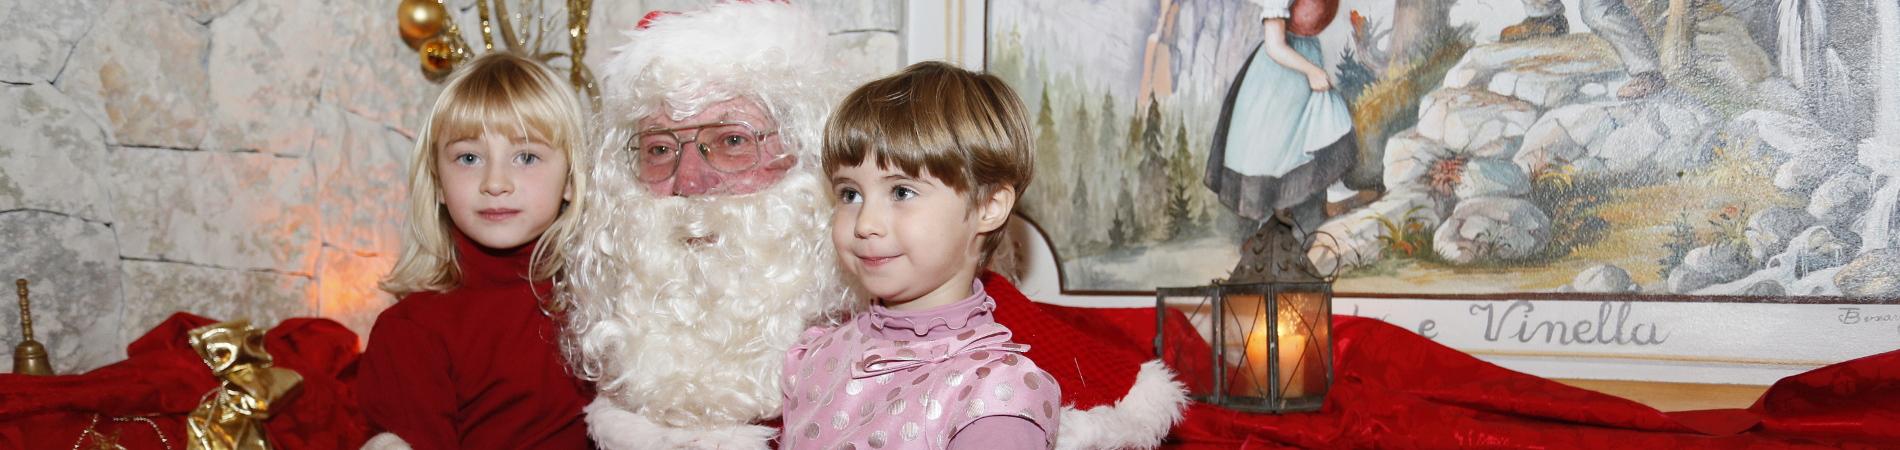 Natale e Capodanno in Trentino Alto Adige